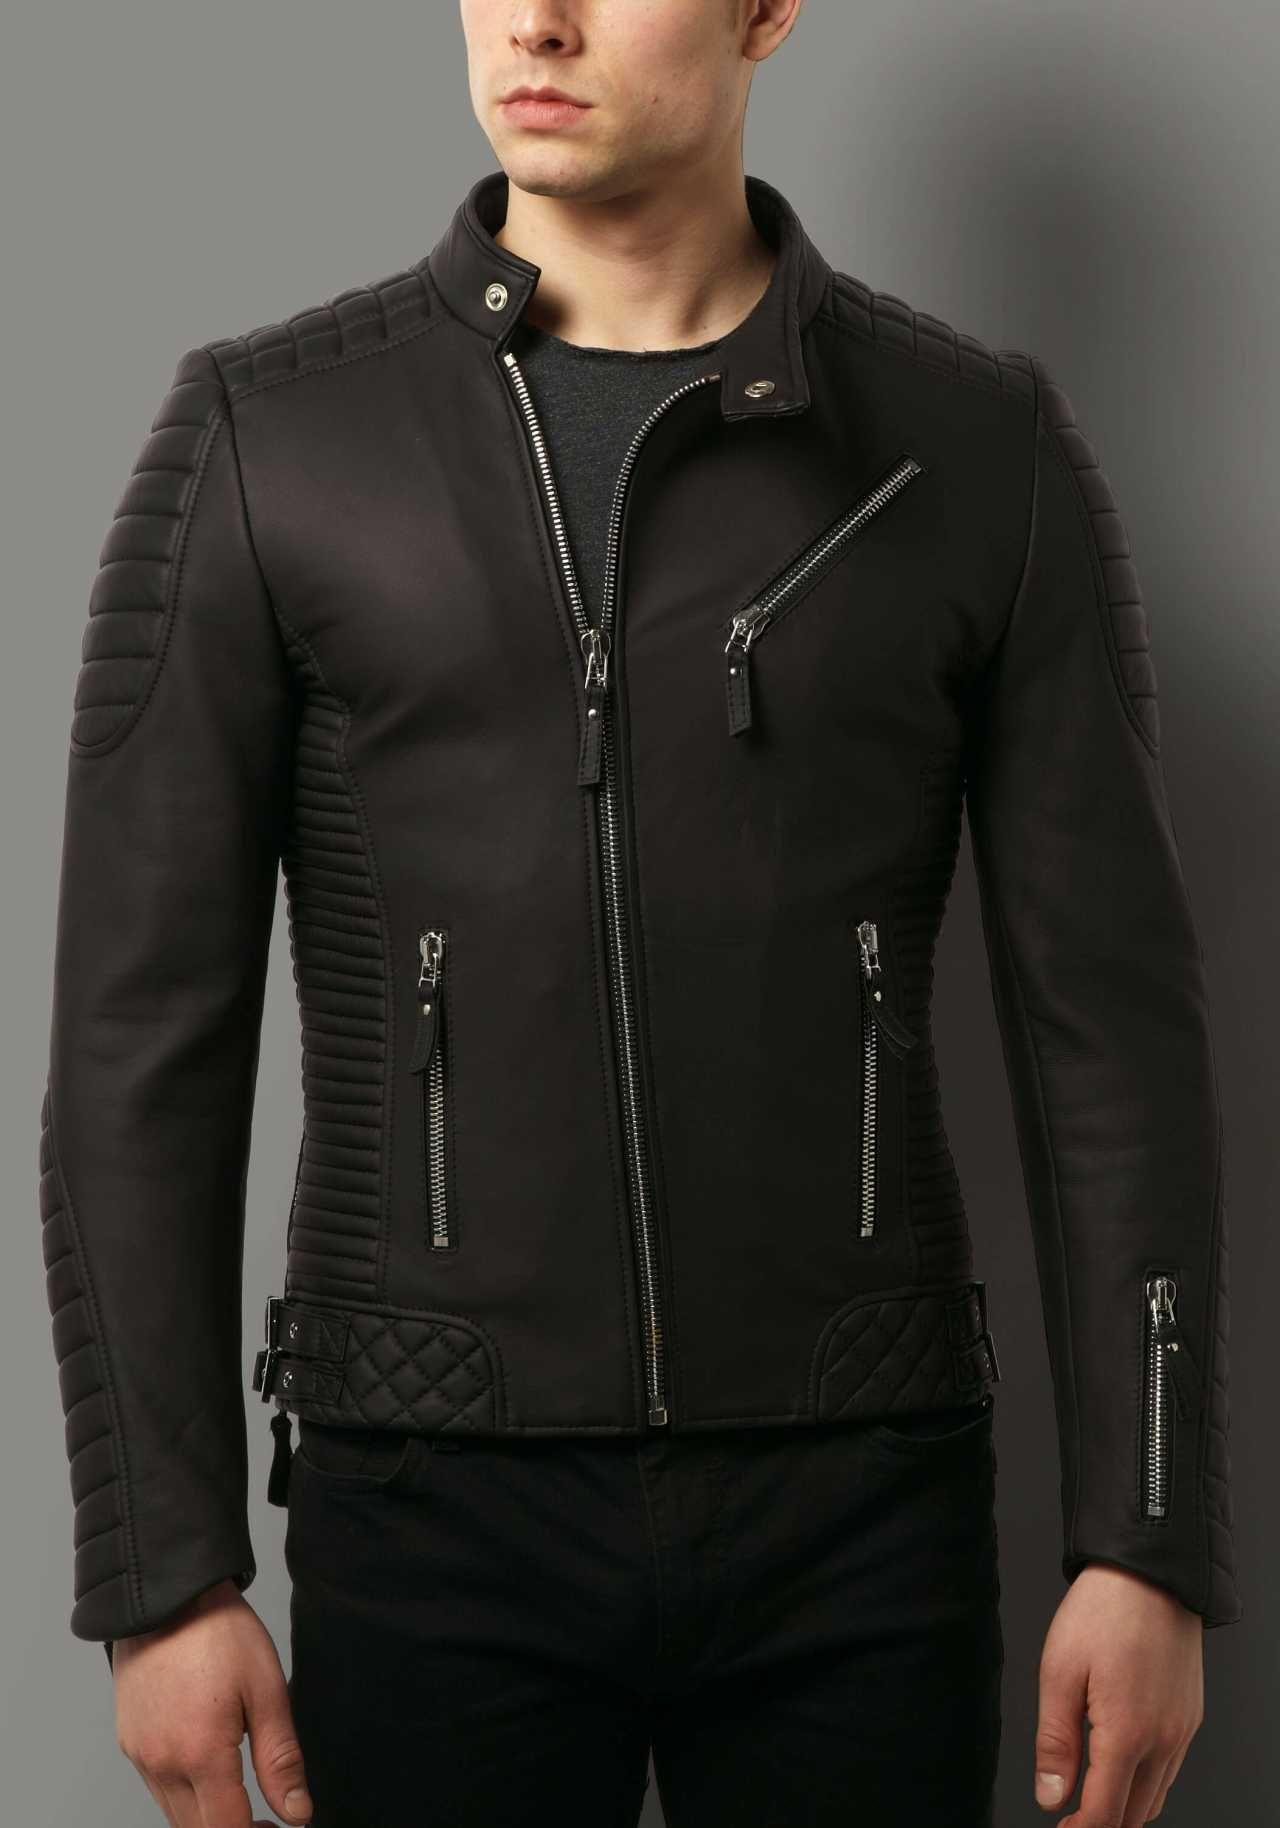 Designer Luxury Leather Jackets Worldwide Delivery Boda Skins Leather Jacket Men Leather Jacket Style Stylish Jackets [ 1828 x 1280 Pixel ]